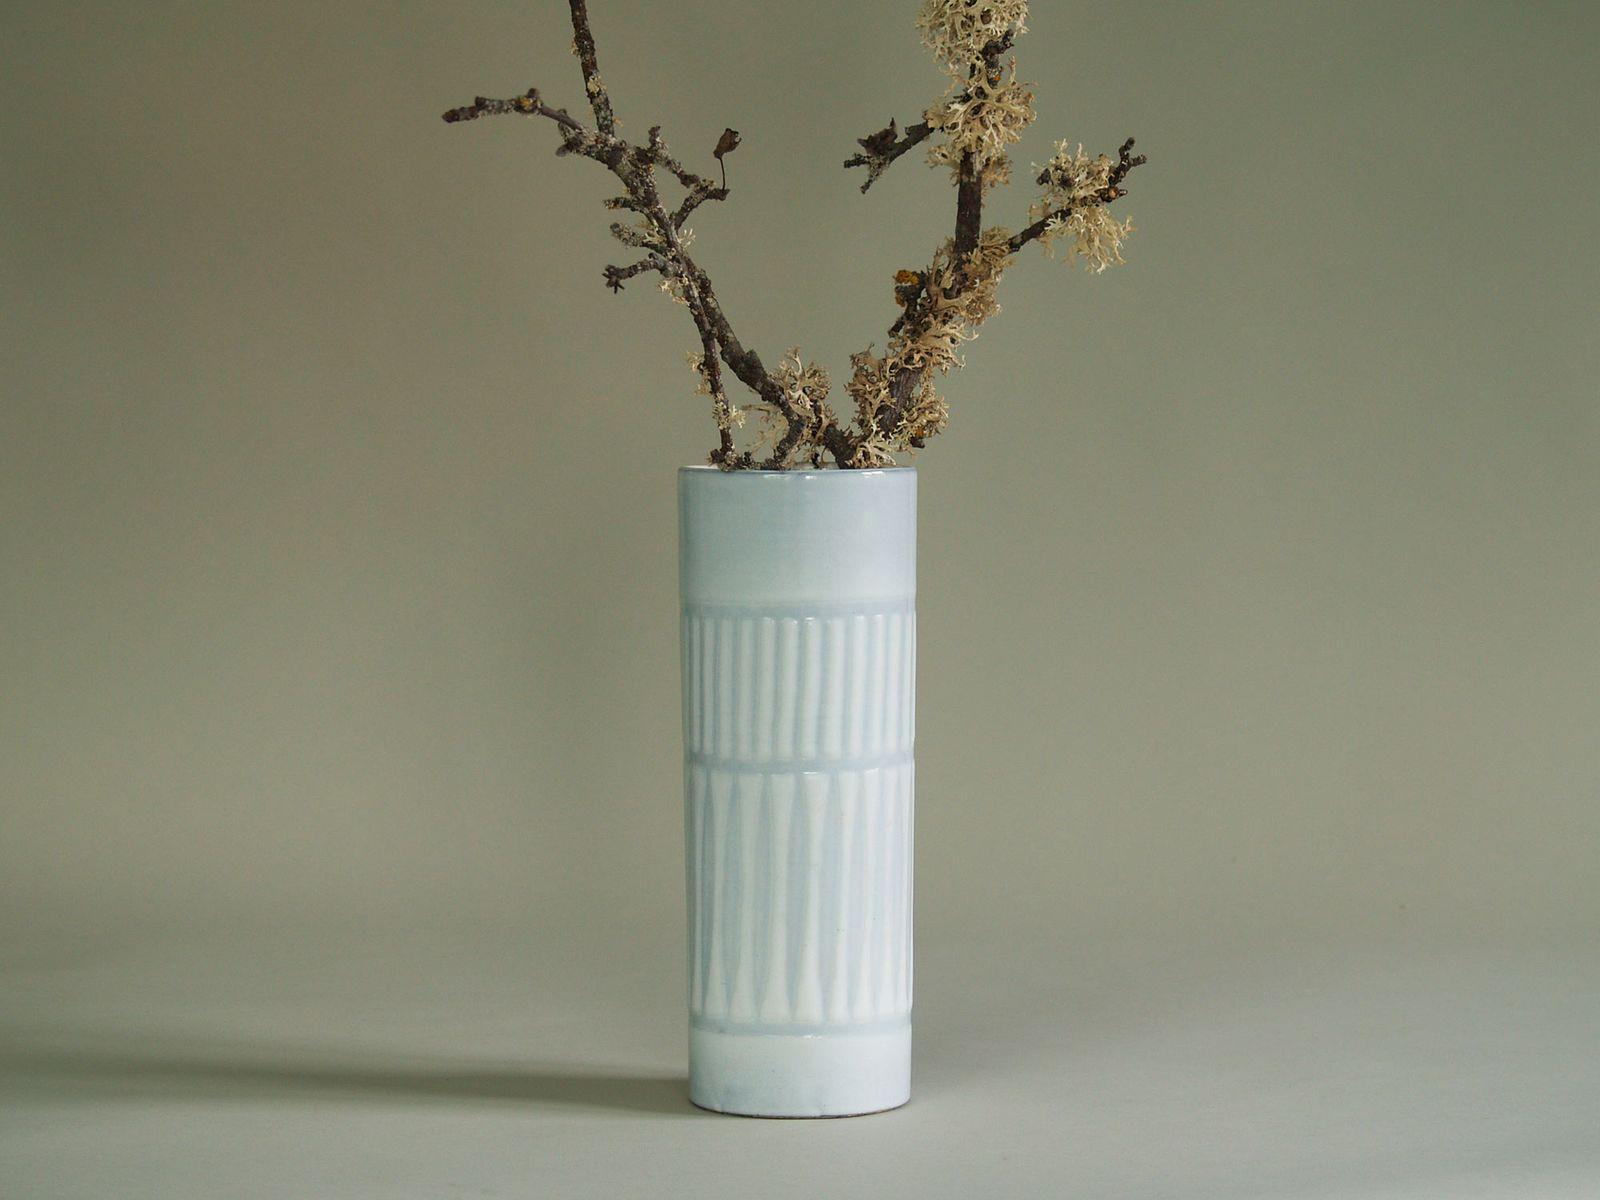 vase cylindrique par roger capron france 1955 en vente sur pamono. Black Bedroom Furniture Sets. Home Design Ideas